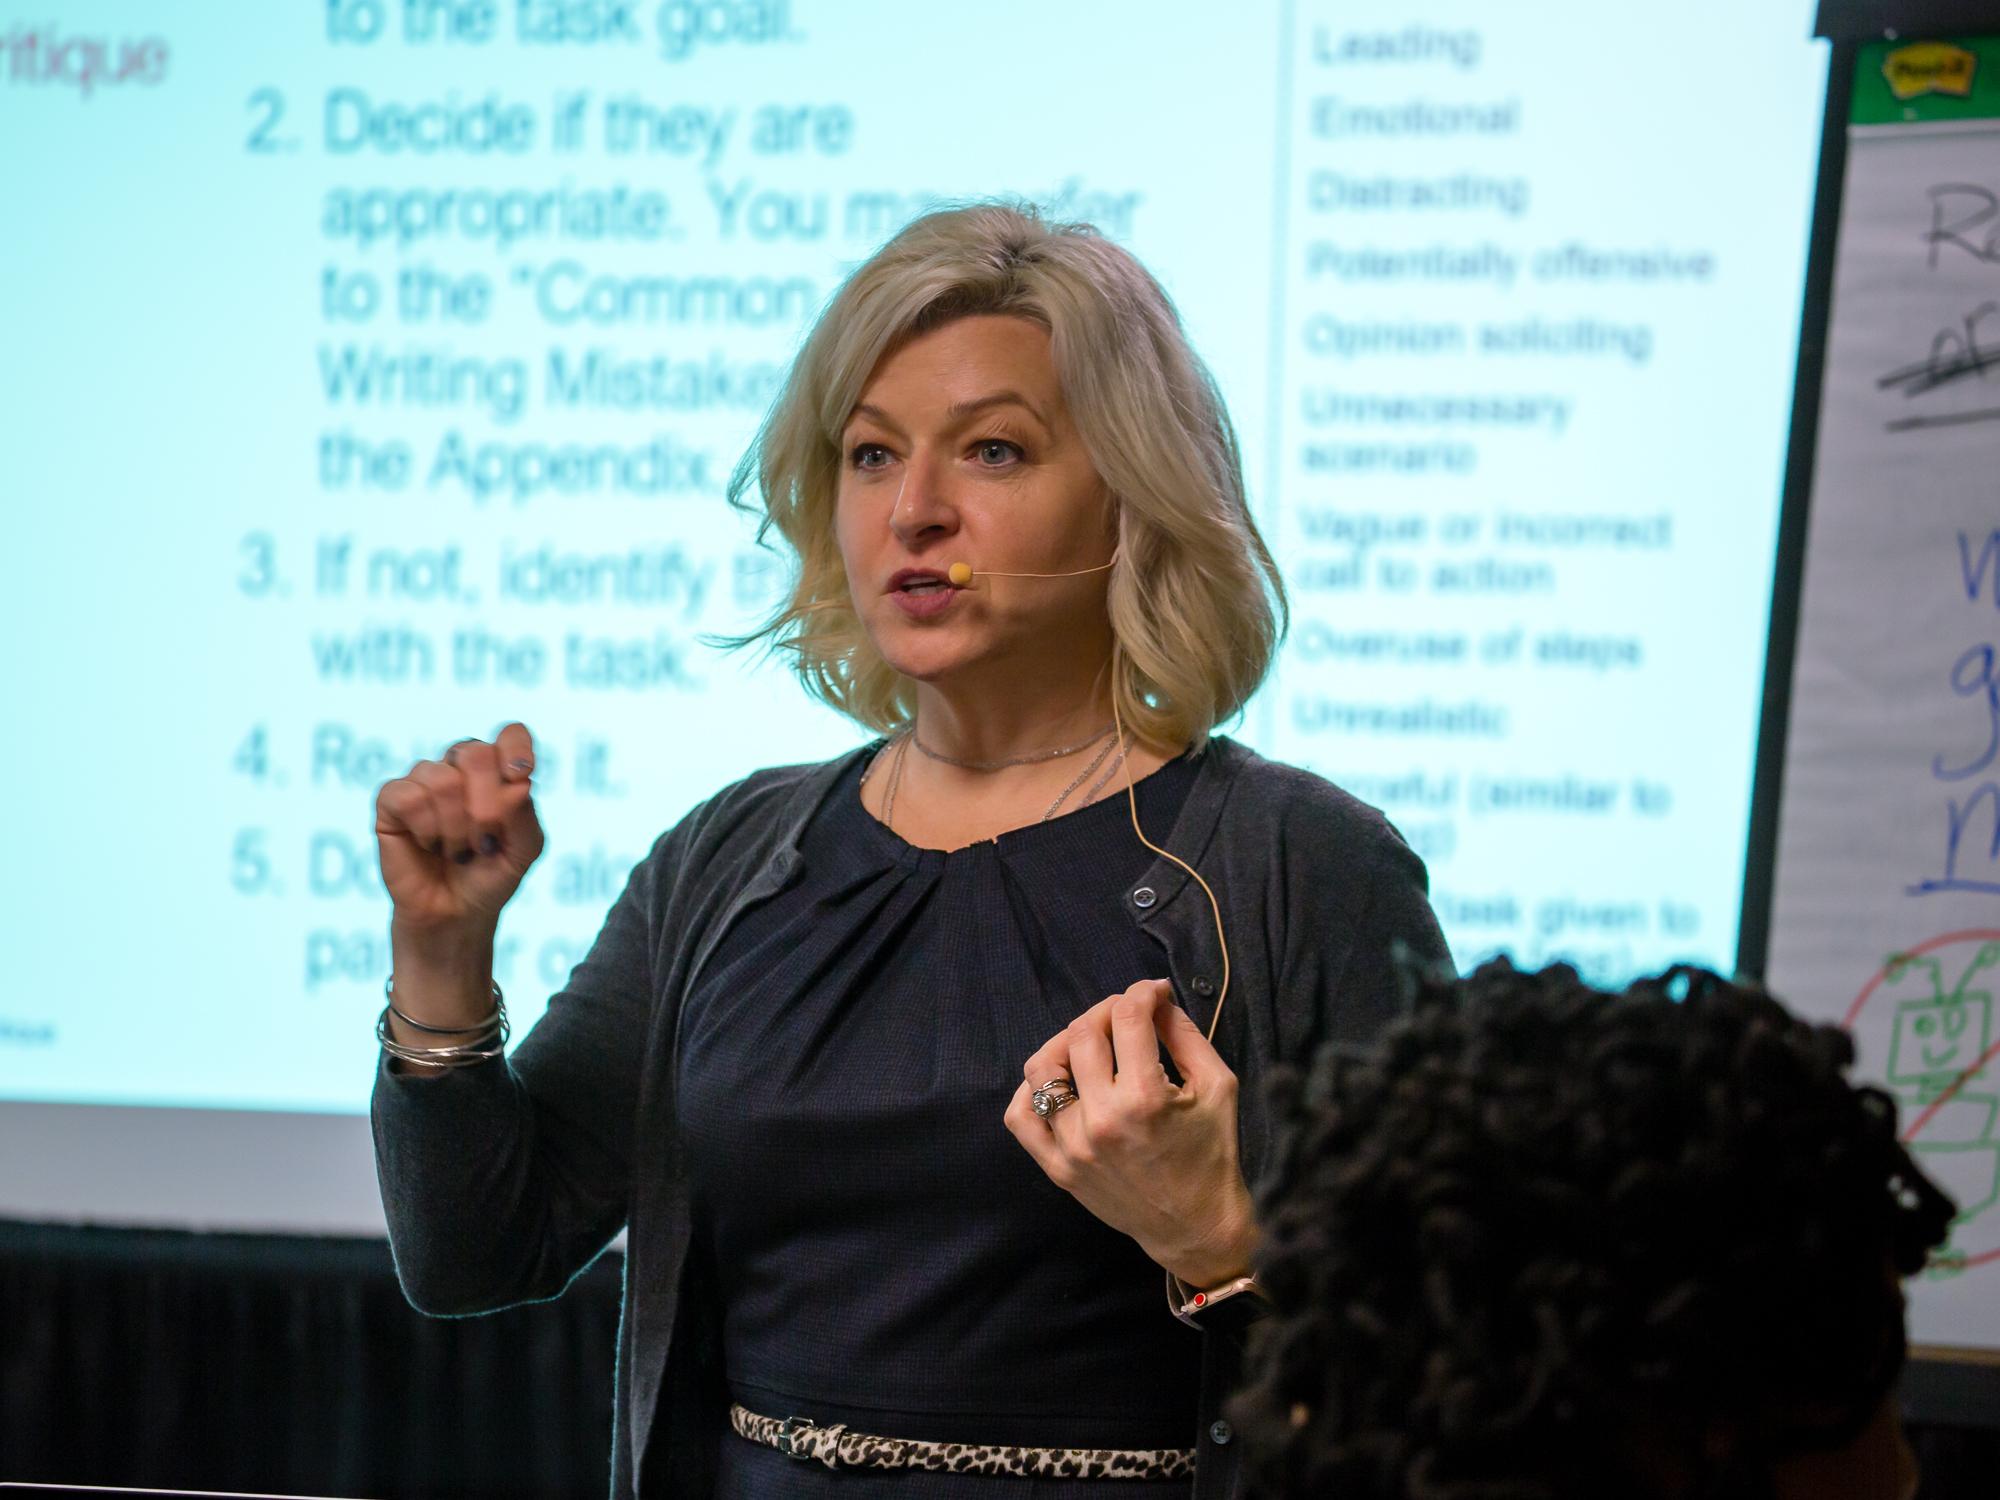 Kara Pernice, Senior VP at Nielsen Norman Group